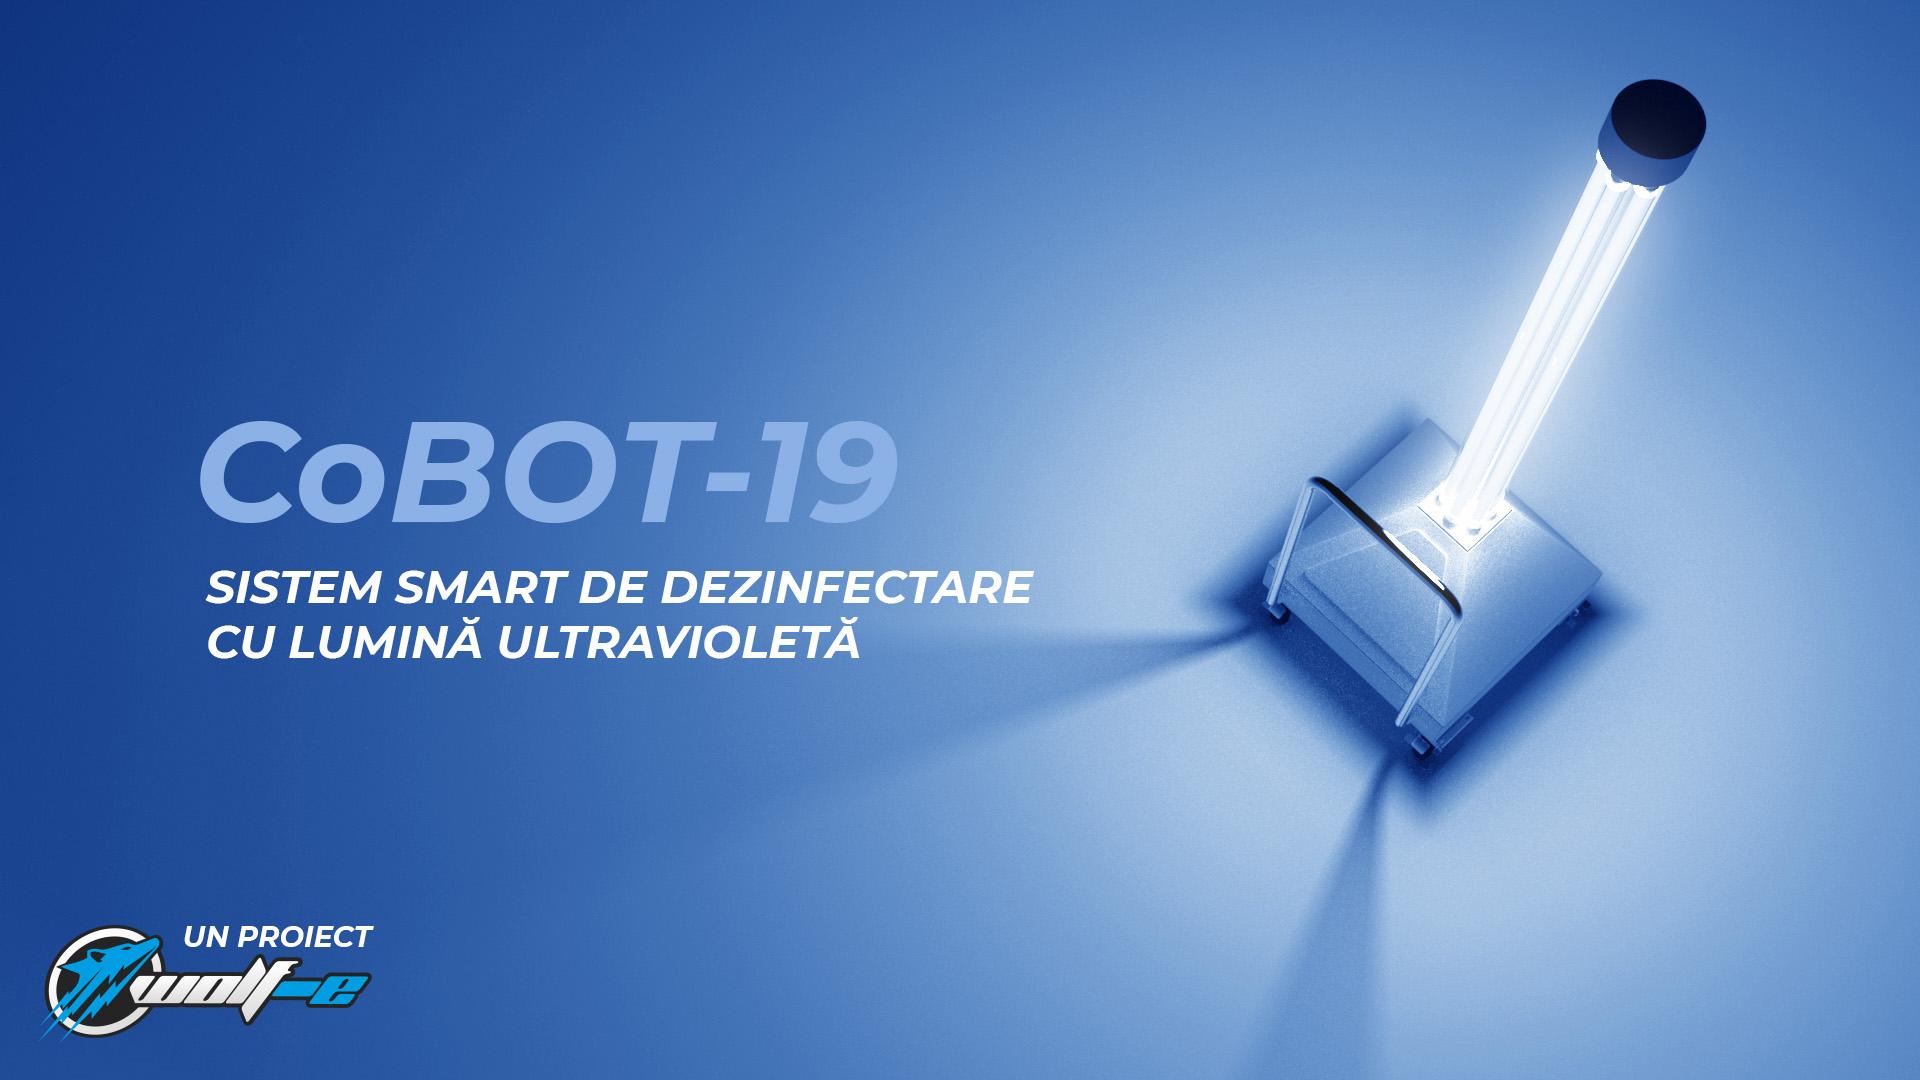 WOLF-e a creeat CoBOT-19, sistemul inteligent de dezinfectare cu lumină UV-C